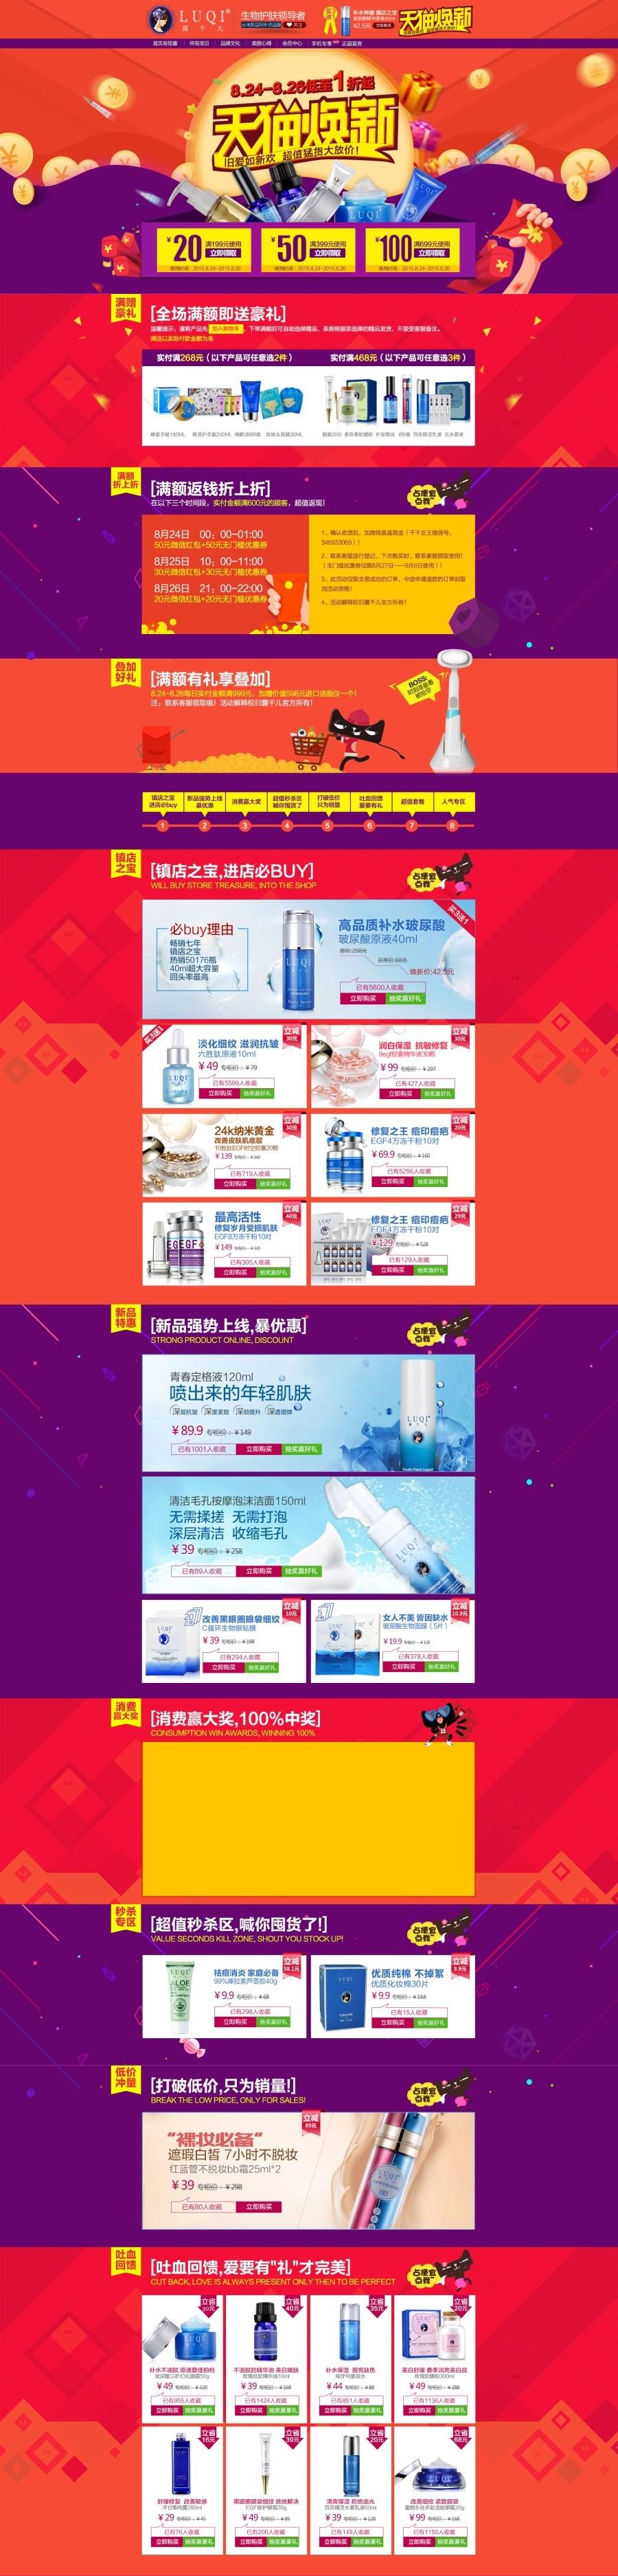 天猫焕新 促销专题活动首页 化妆品首页设计